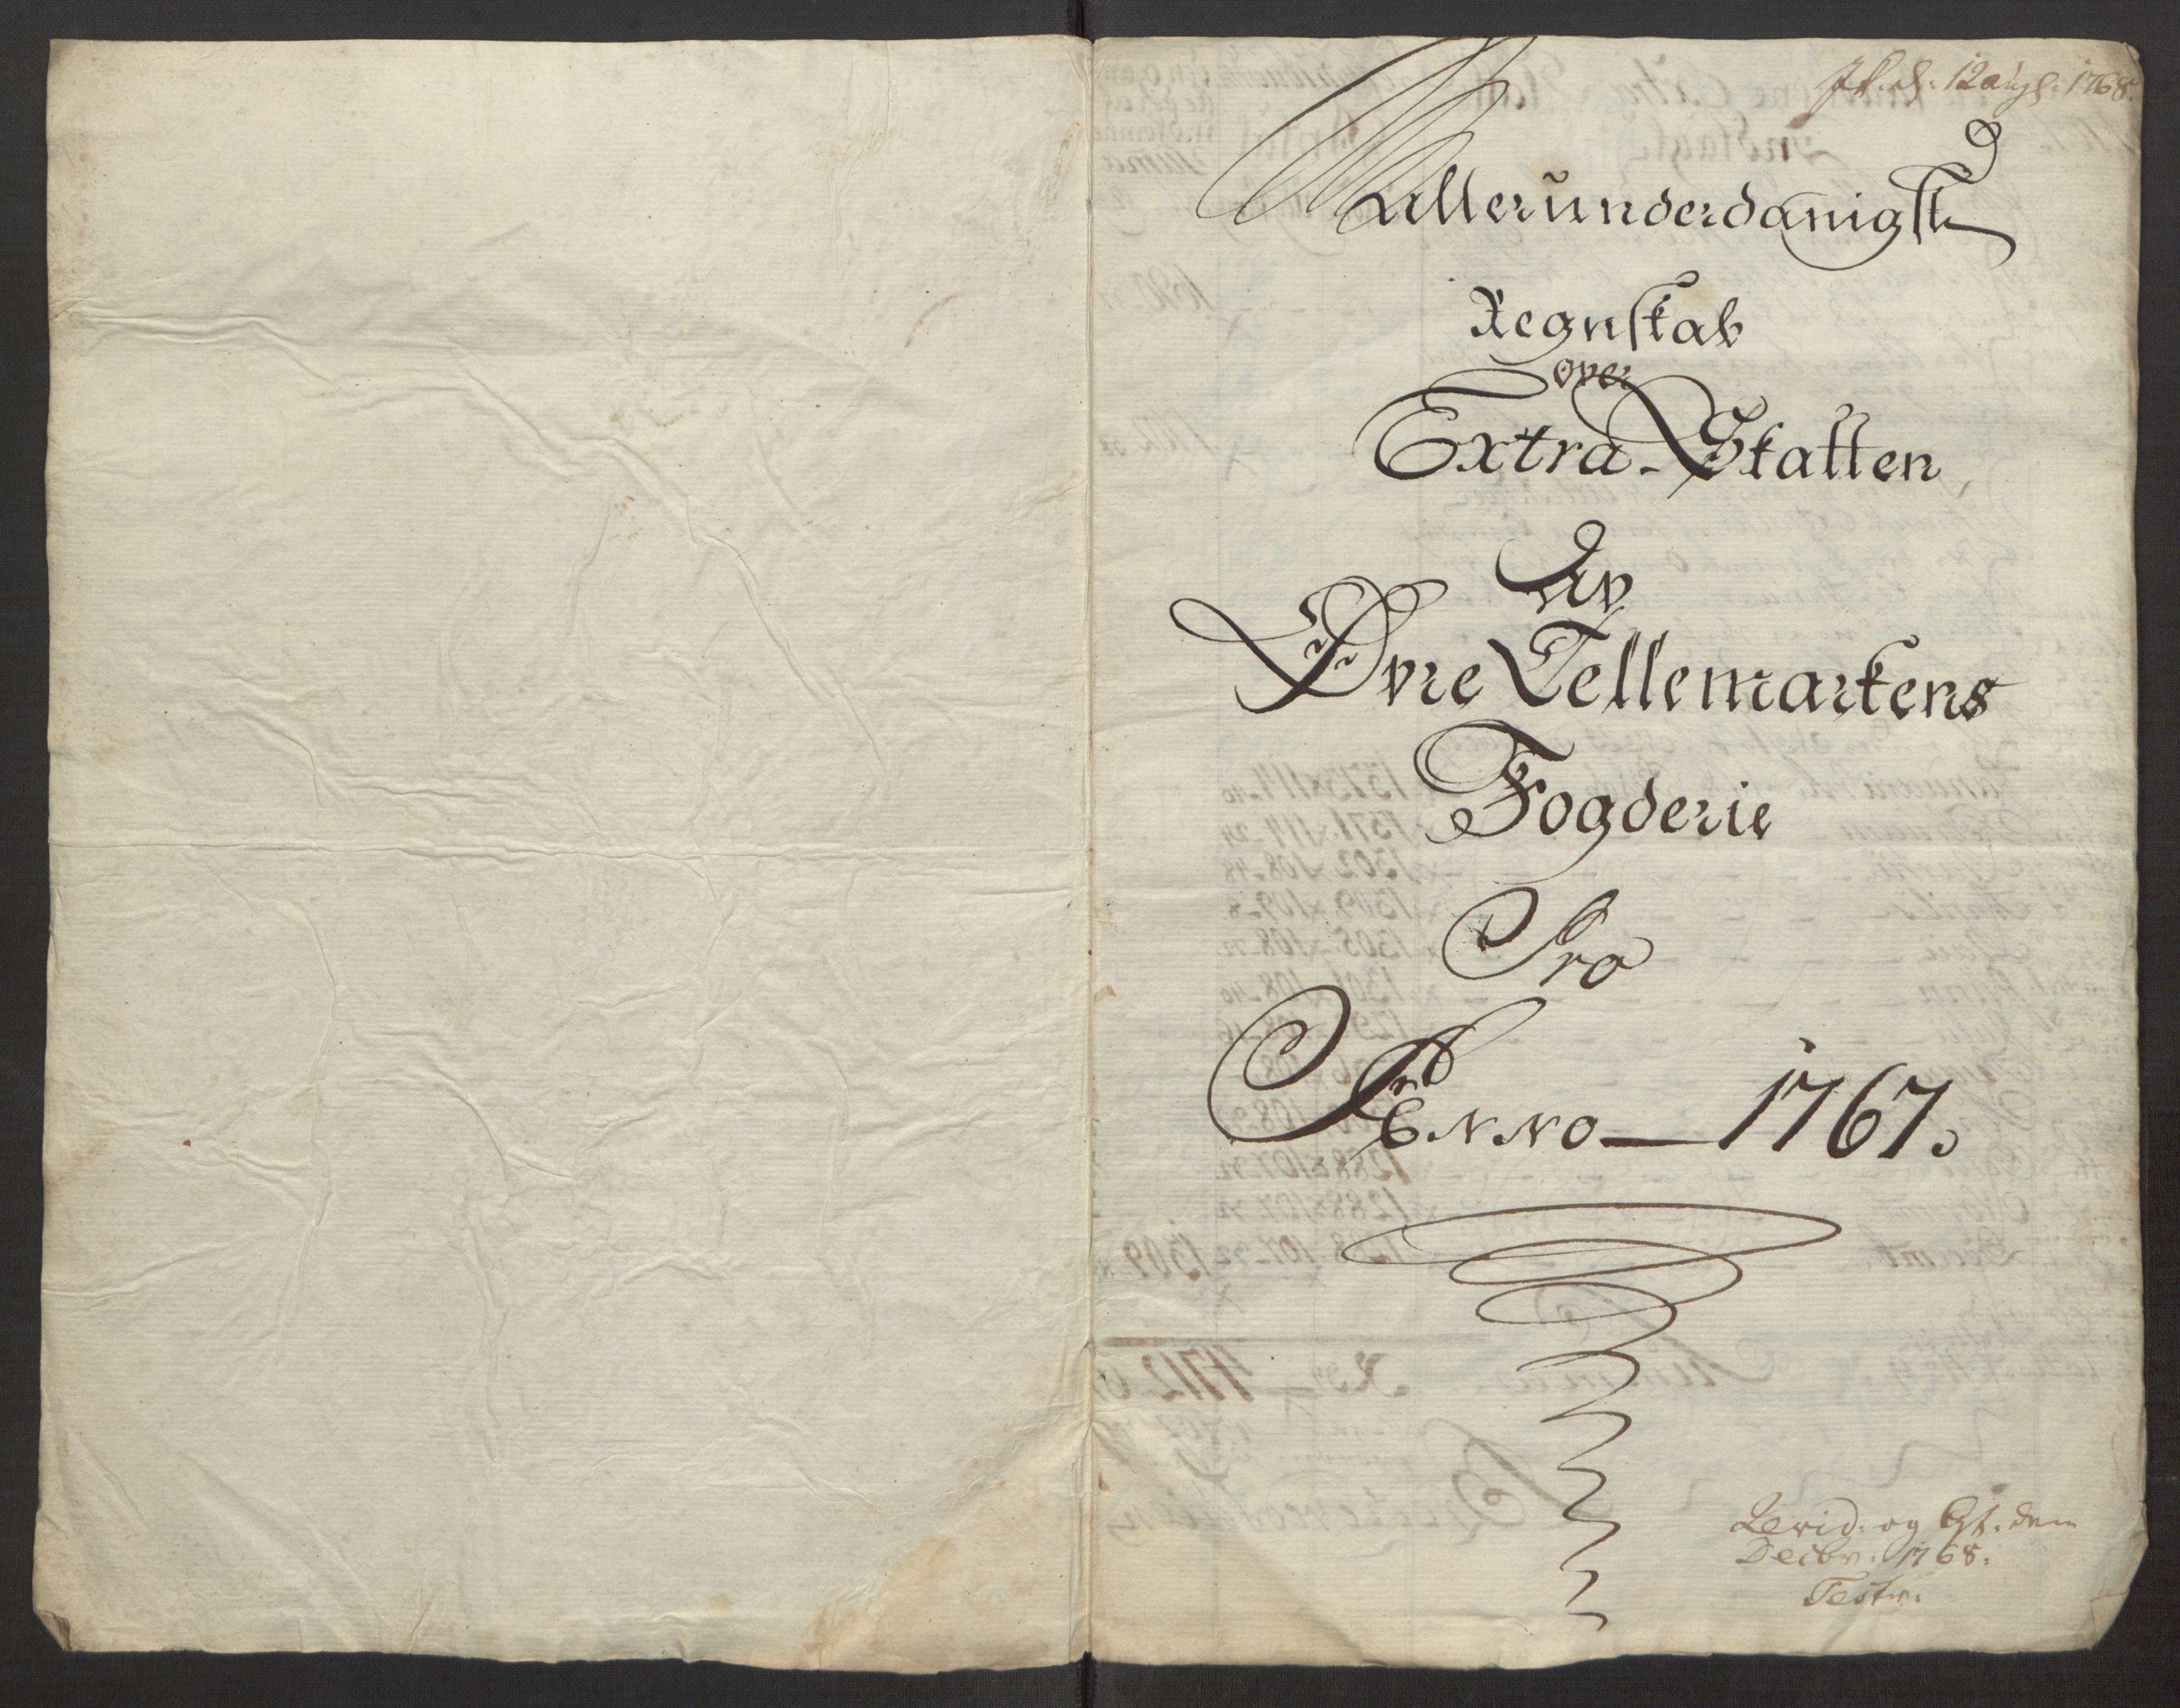 RA, Rentekammeret inntil 1814, Reviderte regnskaper, Fogderegnskap, R38/L2293: Ekstraskatten Øvre Telemark, 1762-1770, s. 87